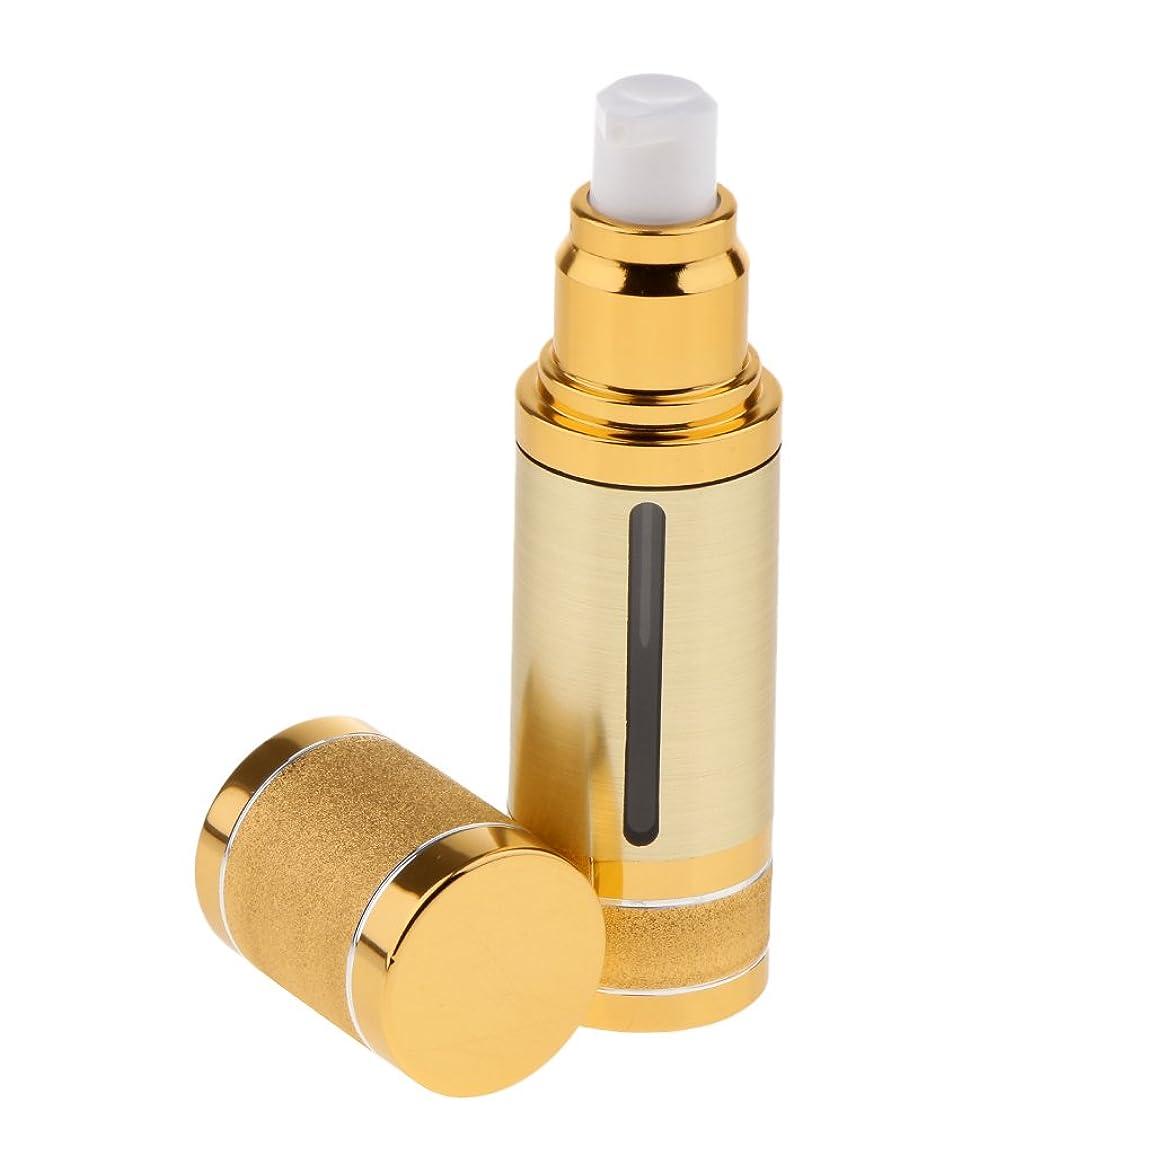 ポーズ講義リーチKesoto ポンプボトル 空ボトル エアレスボトル 30ml ローション クリーム 化粧品 詰め替え 容器 DIY 2色選べる - ゴールド